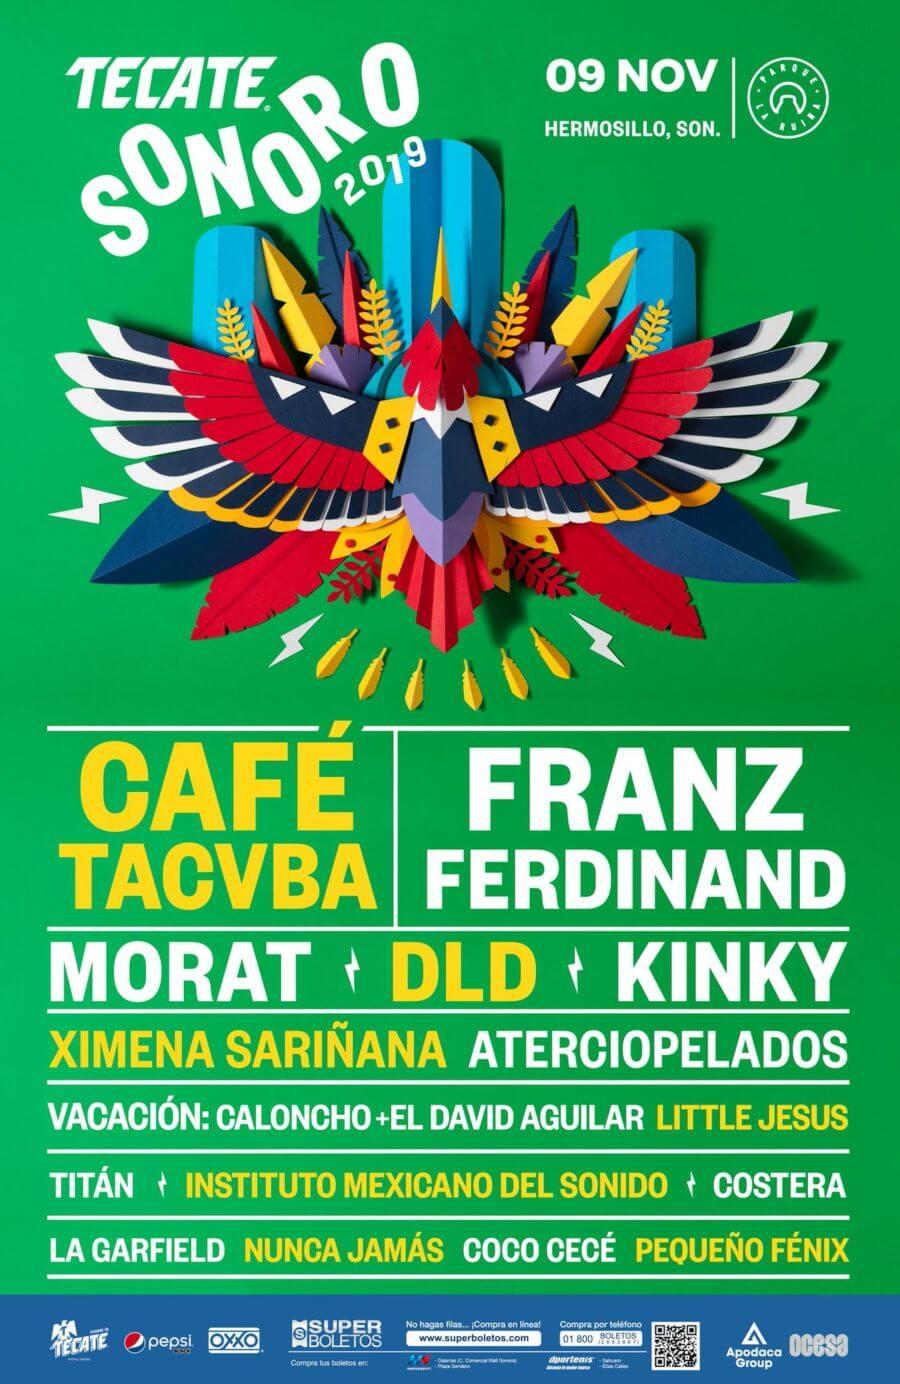 cartel del Festival Tecate Sonoro